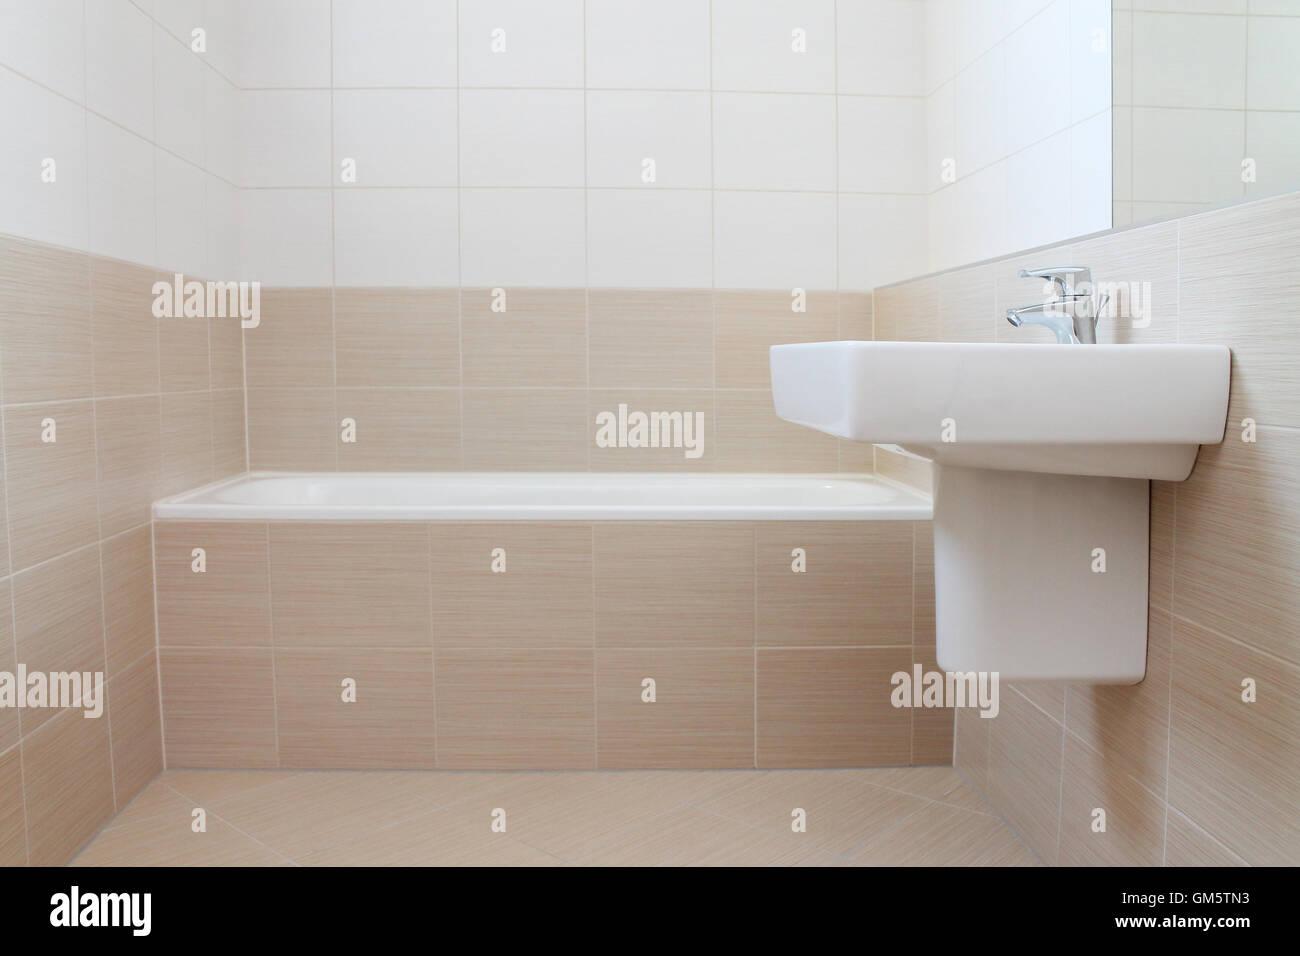 Modernes Bad mit Beige und weißen Fliesen Stockfoto, Bild: 115684495 ...